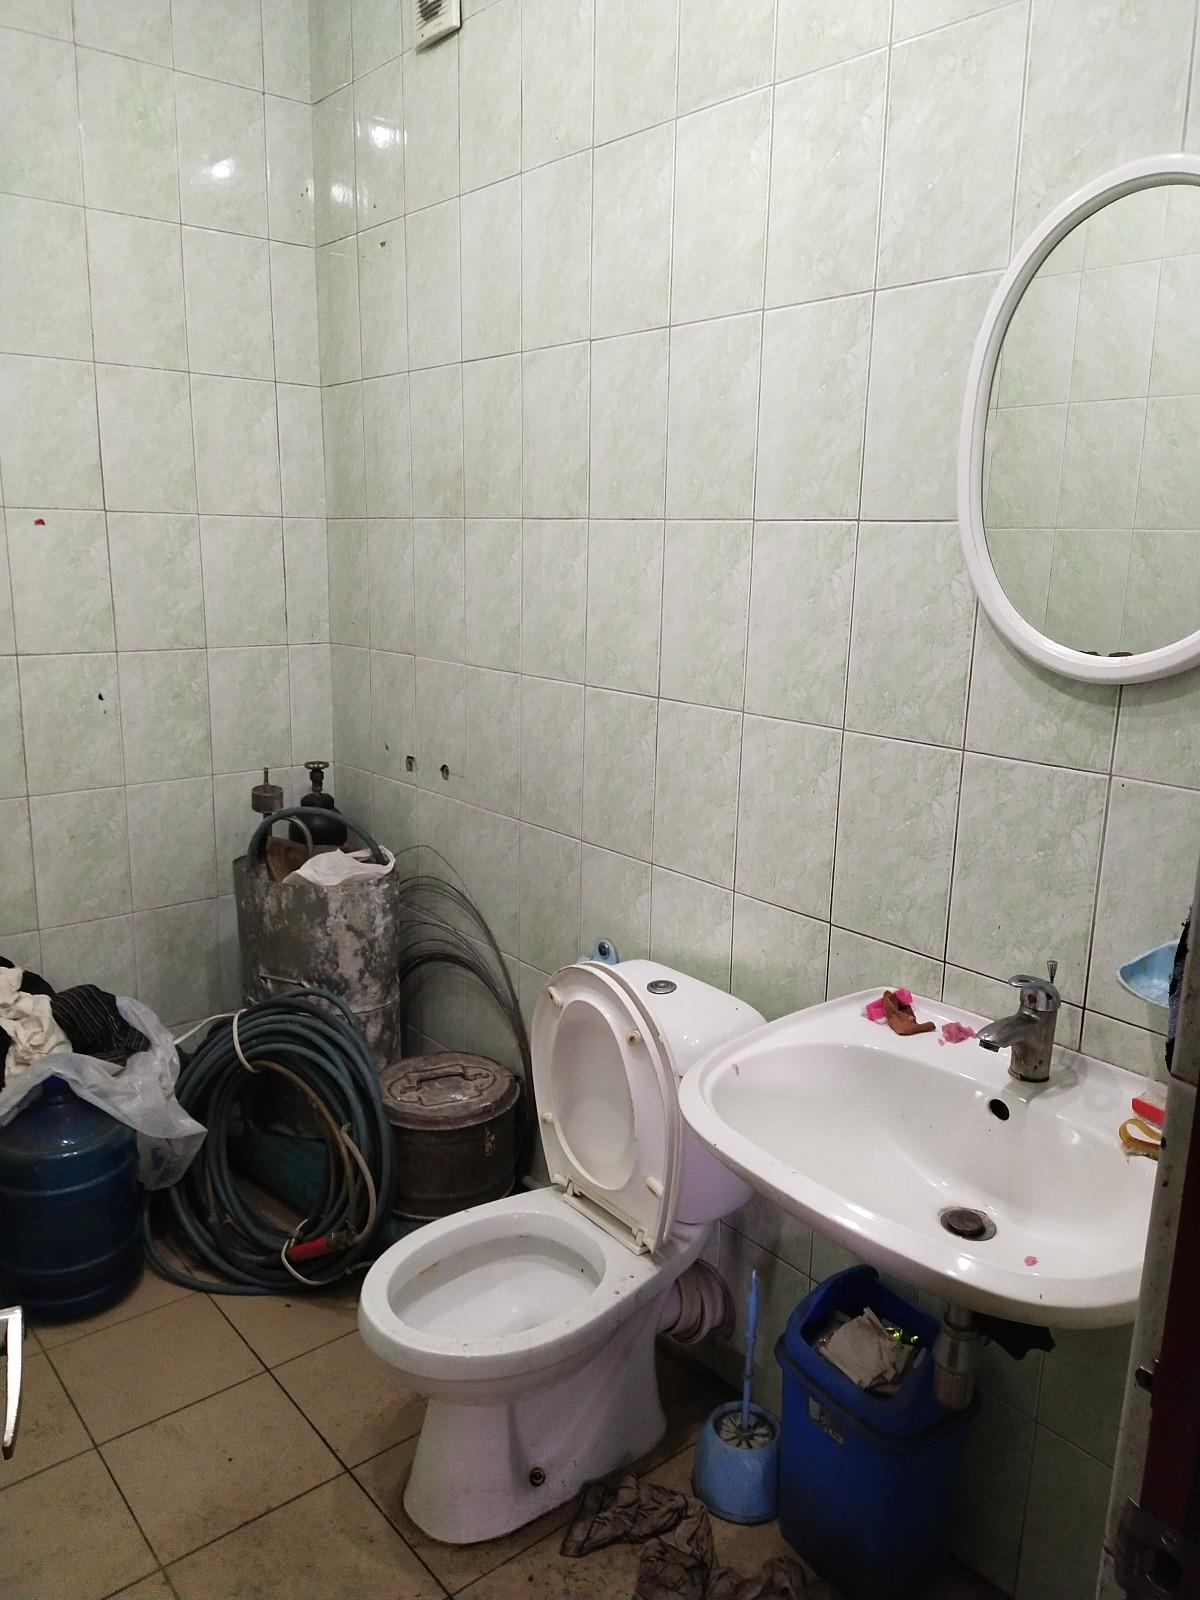 Алексеевка,Харьковская область,1 ВаннаяВанных комнат,Коммерческая недвижимость,Алексеевка,1182